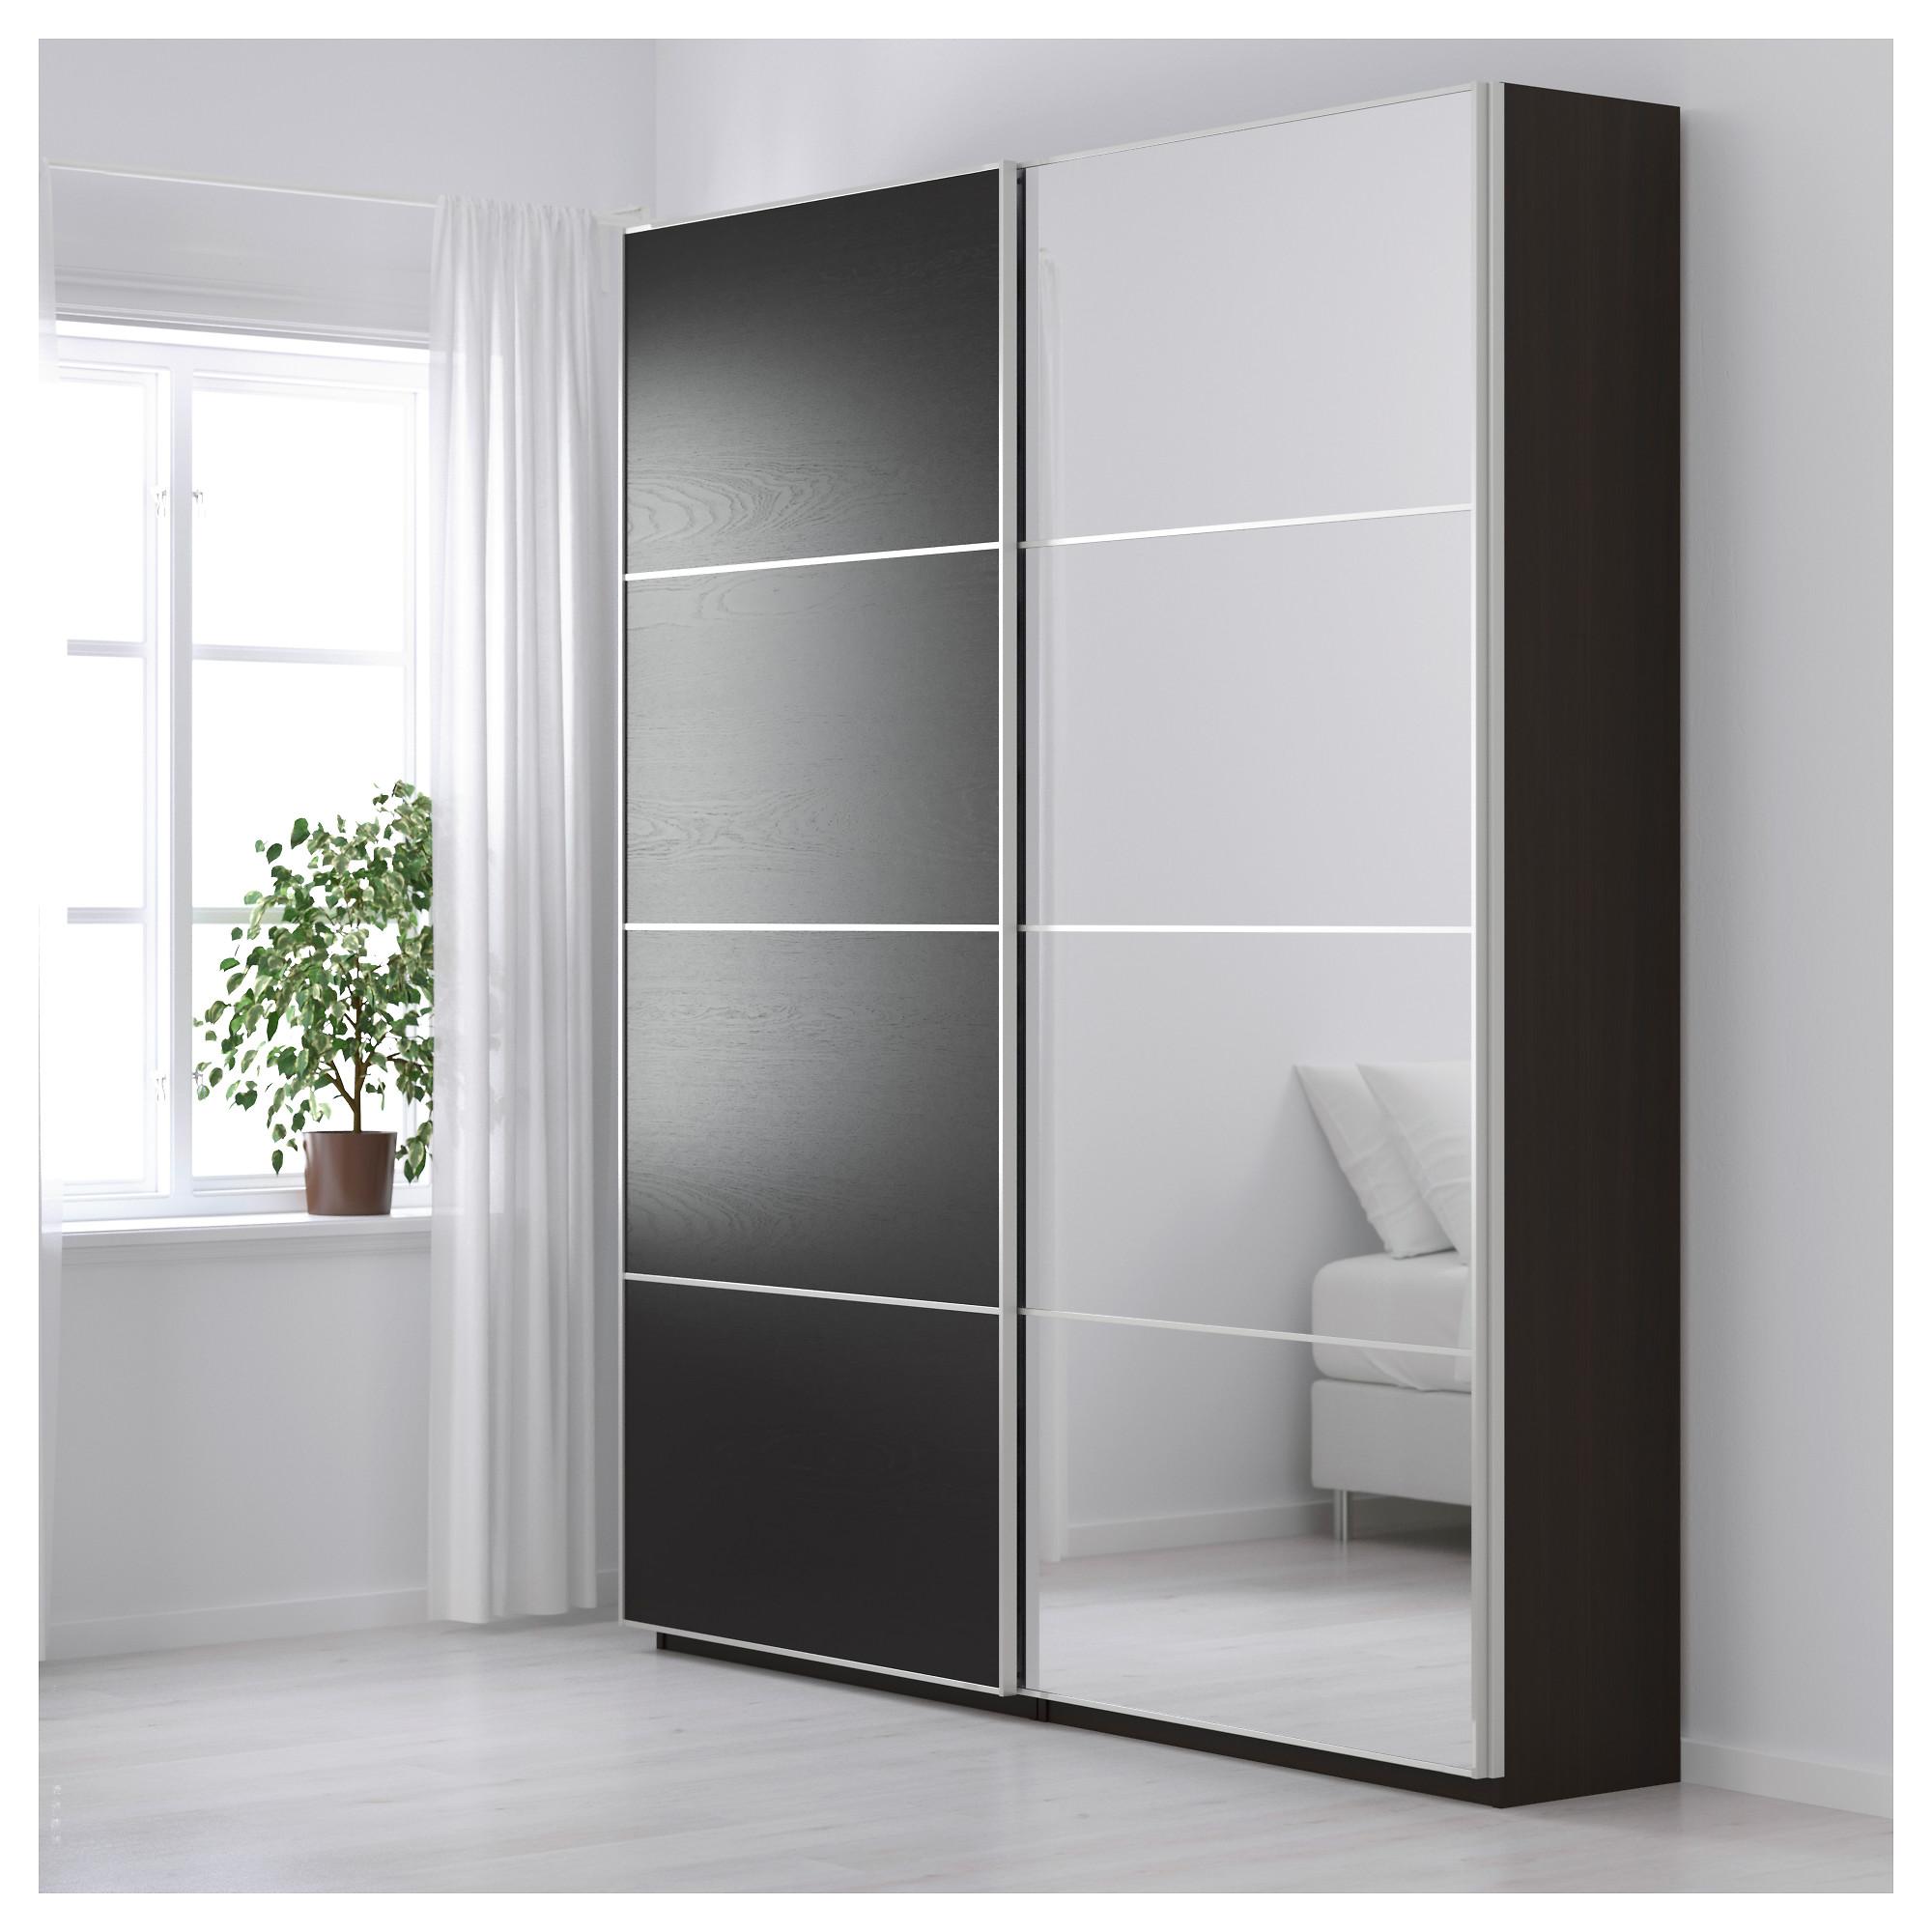 Идеи оформления гардеробной от ИКЕА. Шкафы серии ПАКС